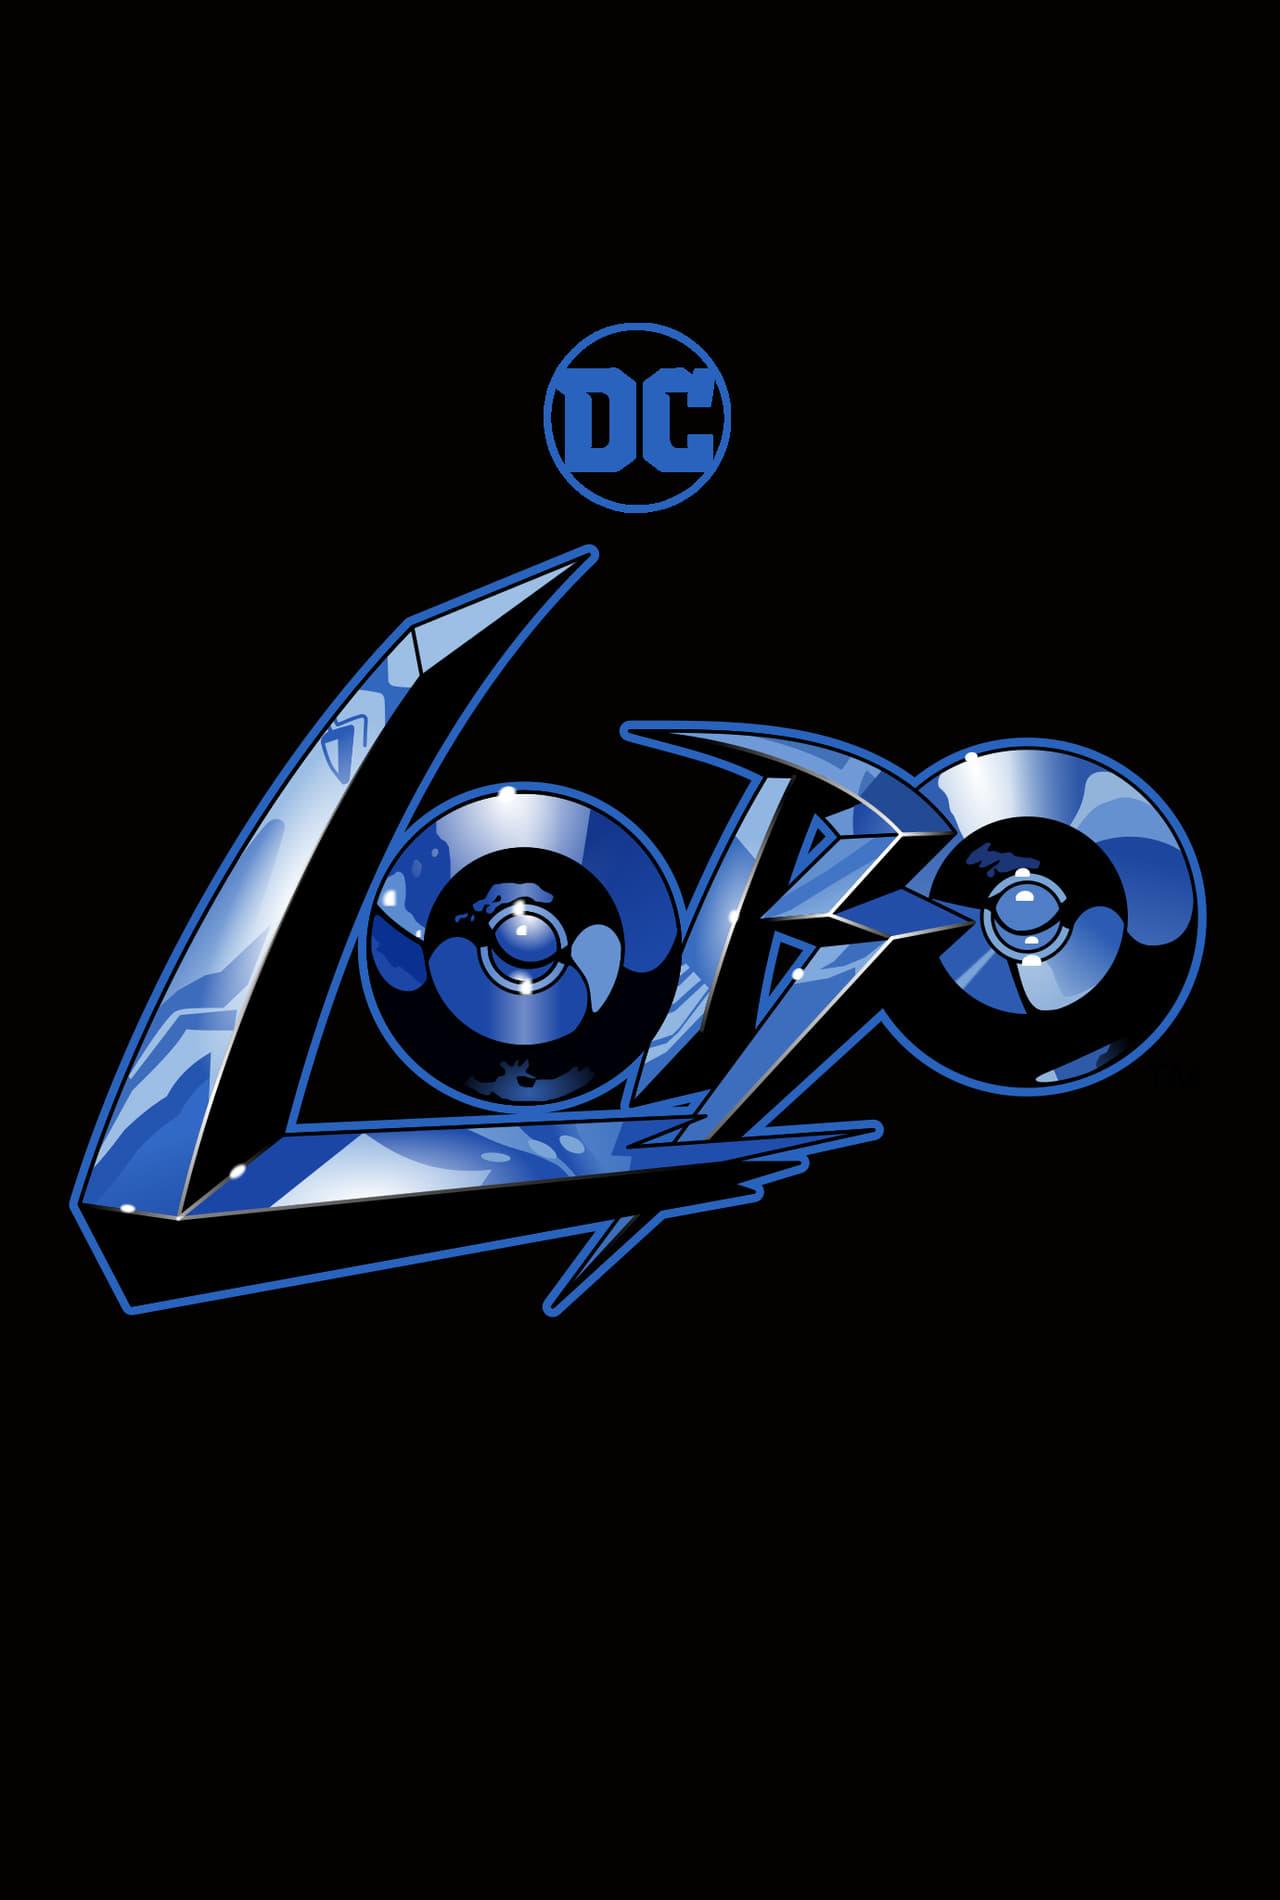 Untitled DC Comics Film